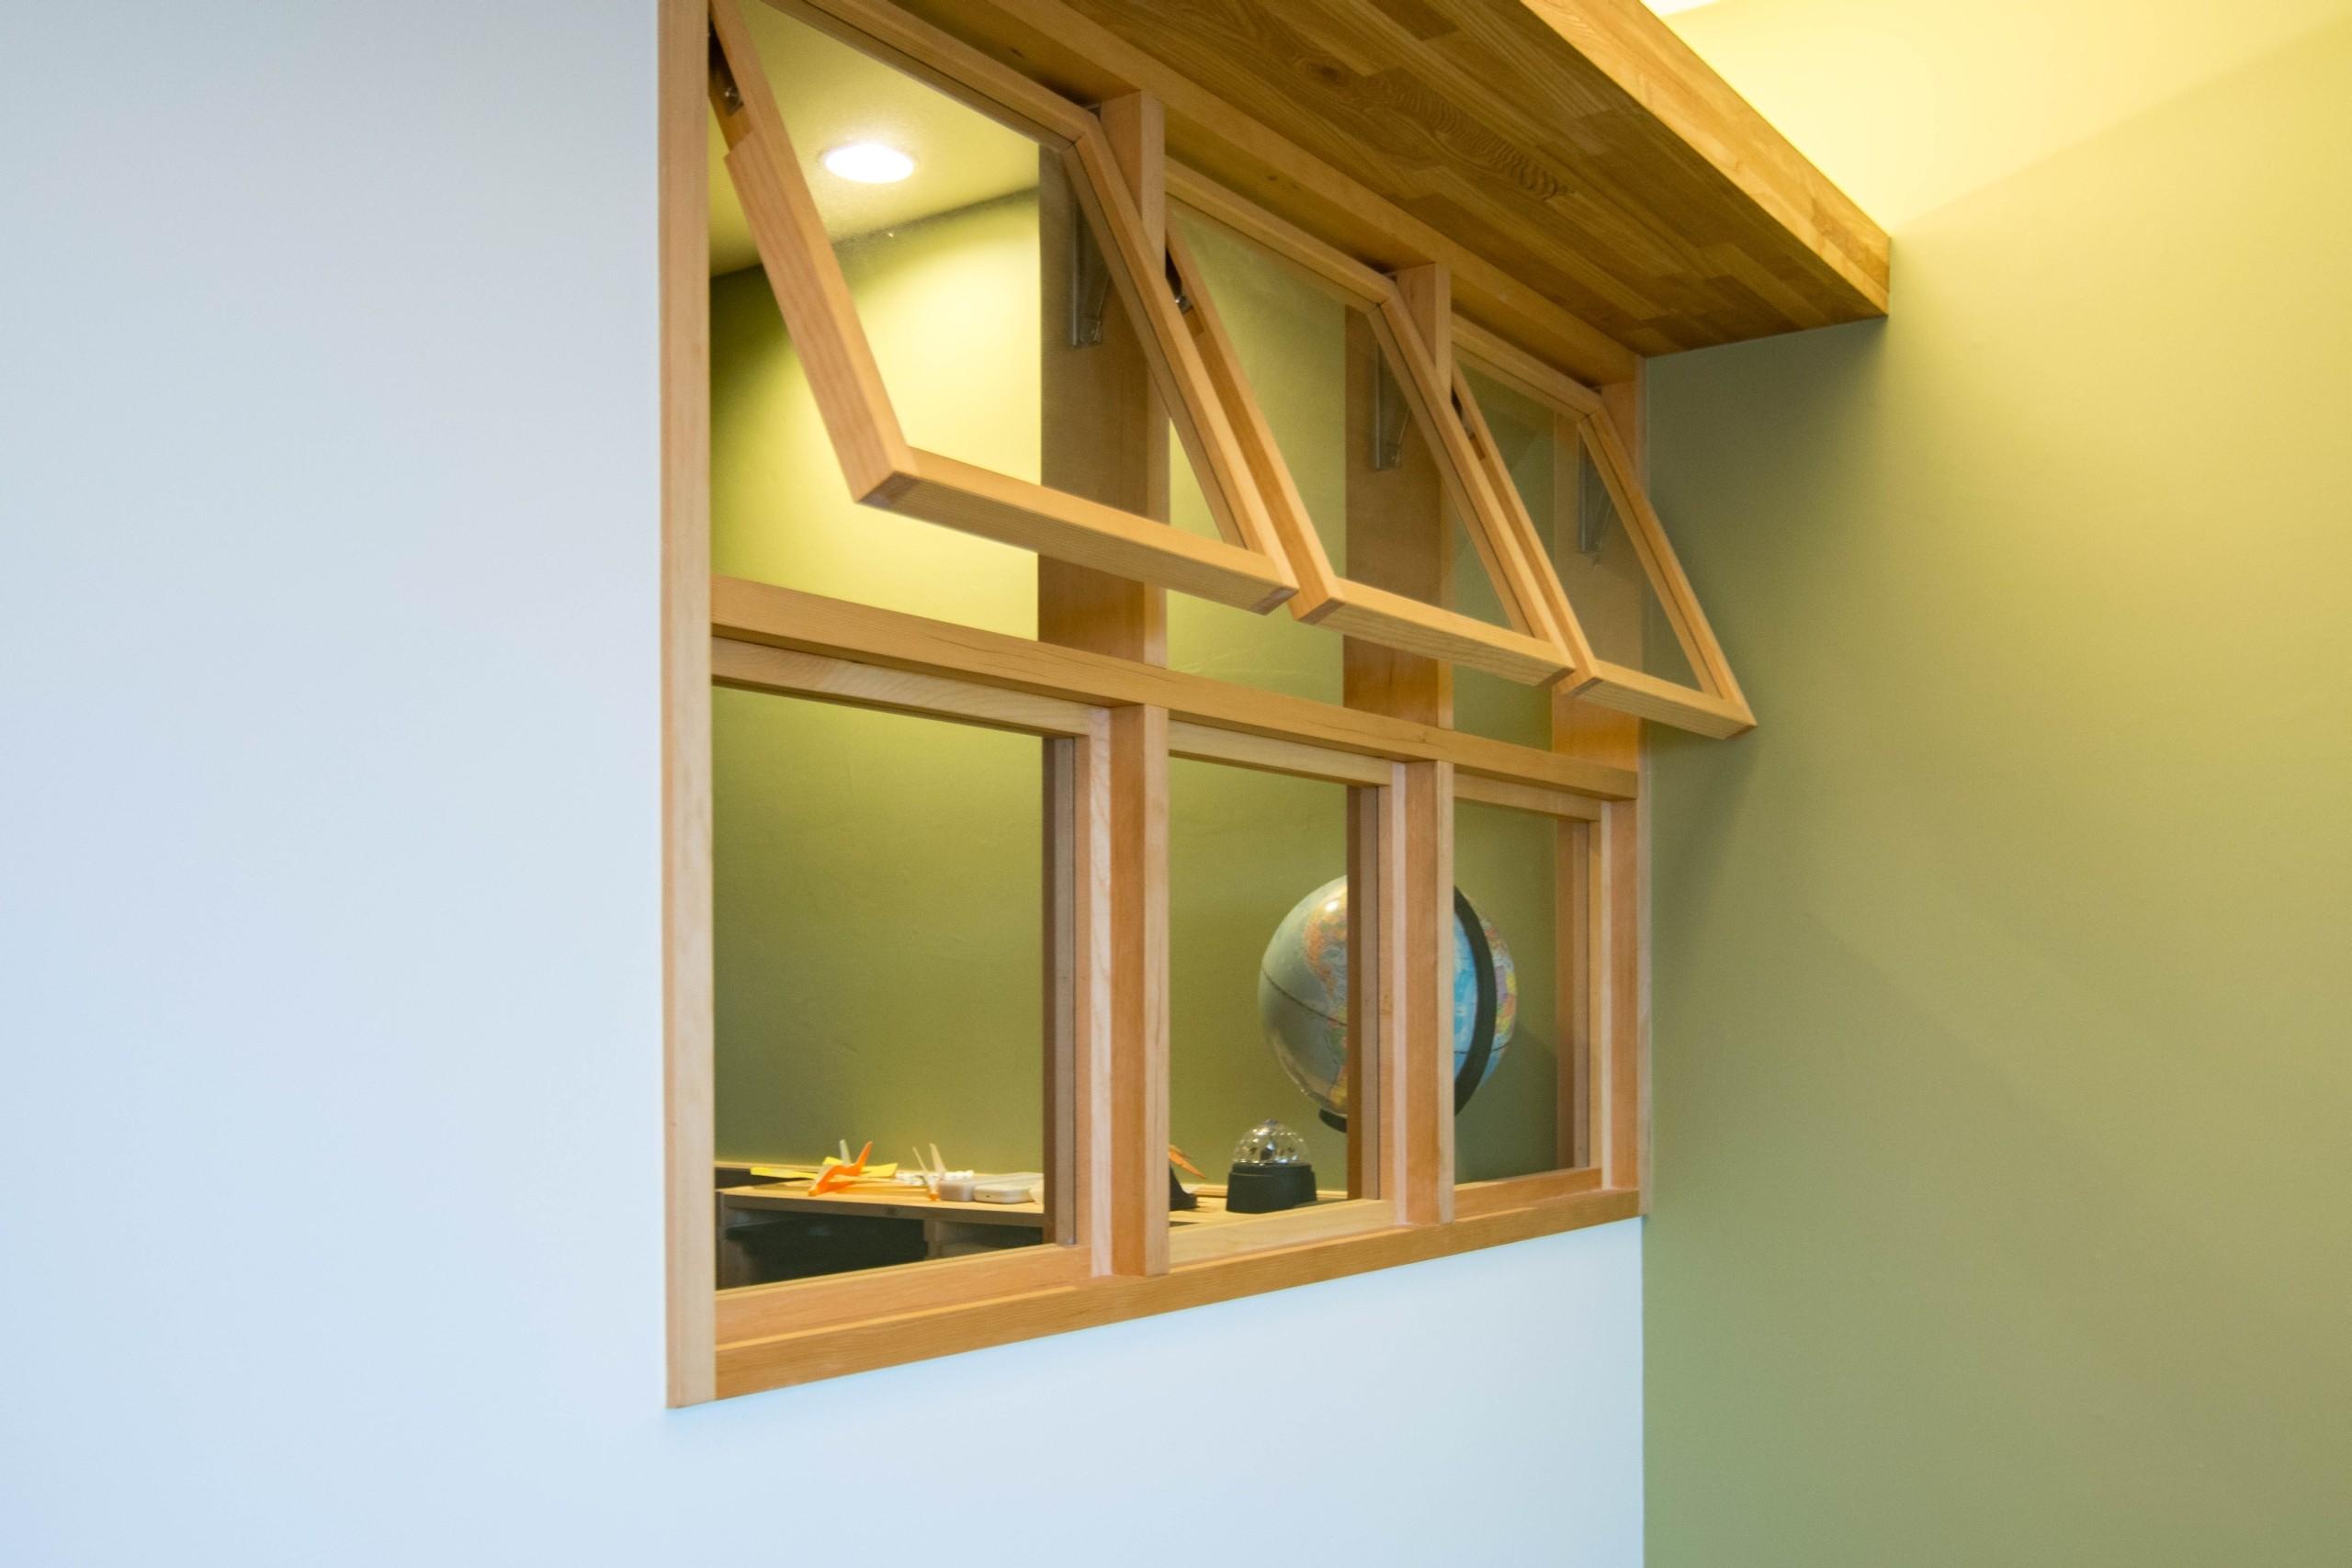 子供部屋事例:あかりとりの窓(DK STYLE すくすくリノベーションvol.7)